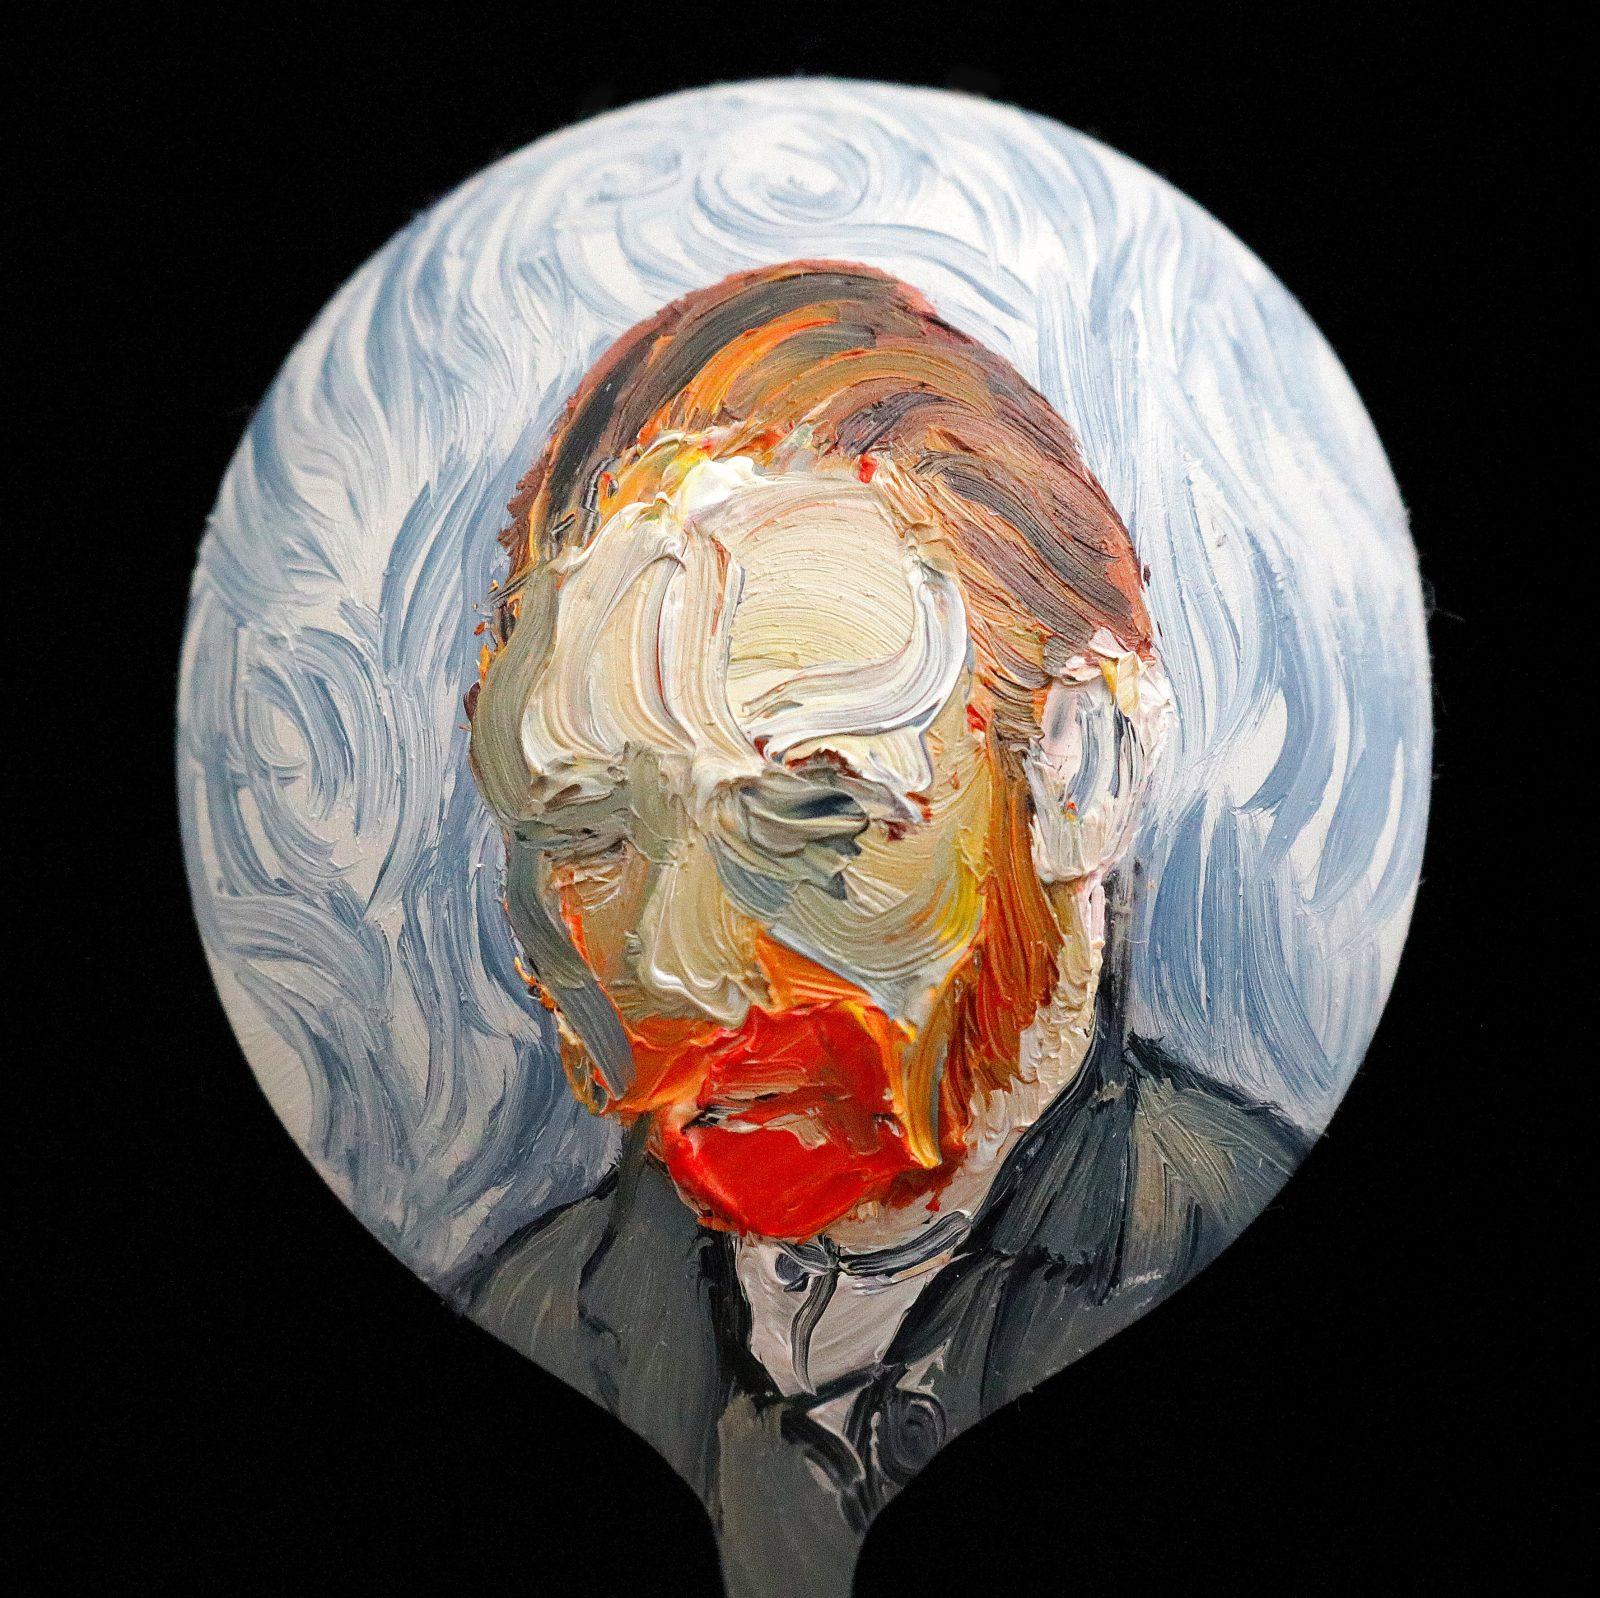 Steve salo 'Vincent' after Vincent van Gogh 'Self-portrait' oil on spoon 4.5cm diameter